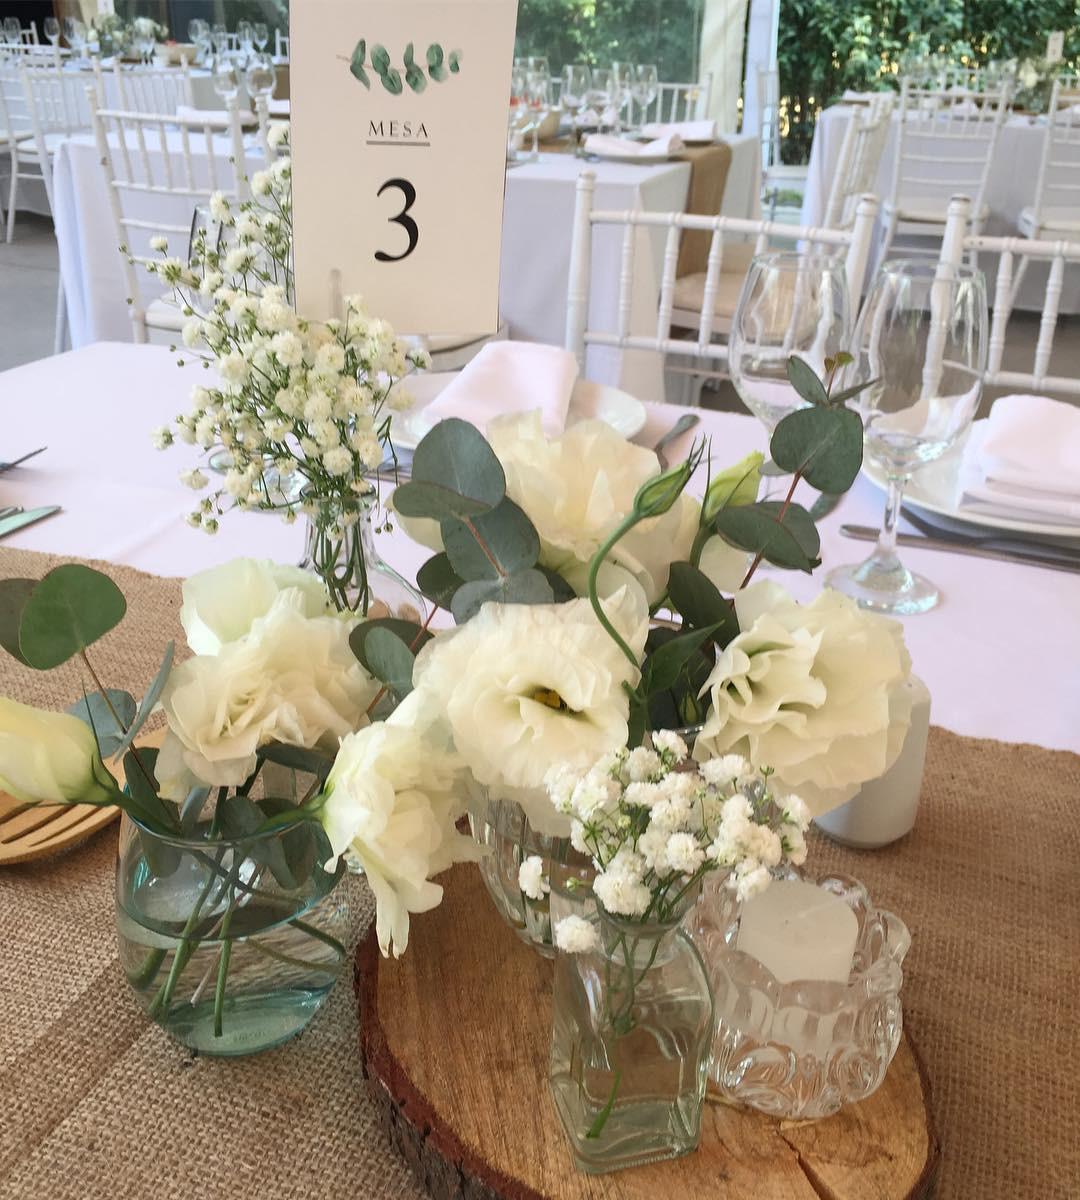 vases de cristal para centros de mesa of gypsofilia hash tags deskgram with centros de mesa blancos y verdes tao eliges color floresdetemporada floresfrescas lisianthus